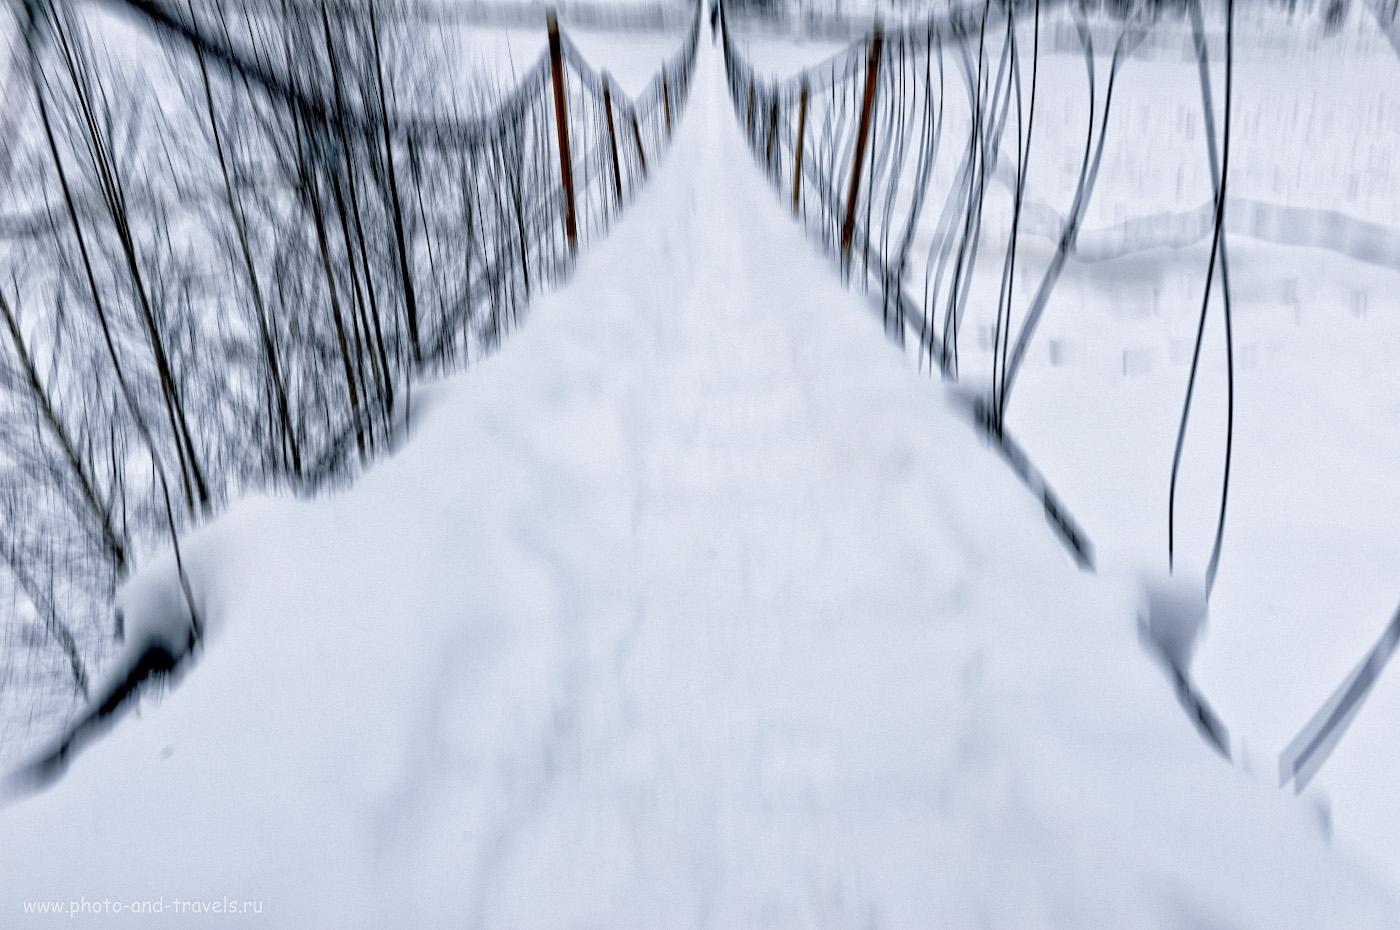 5. Вы думали, что фотограф применил специальный прием «намеренное движение камеры» (Intentional Camera Movement)? Нет, просто он высоты боится. Так выглядит висячий мост через Косьву в Губахе, когда у автора от страха глаза велики. 1/50, 9.0, 200, +1.33, 24.